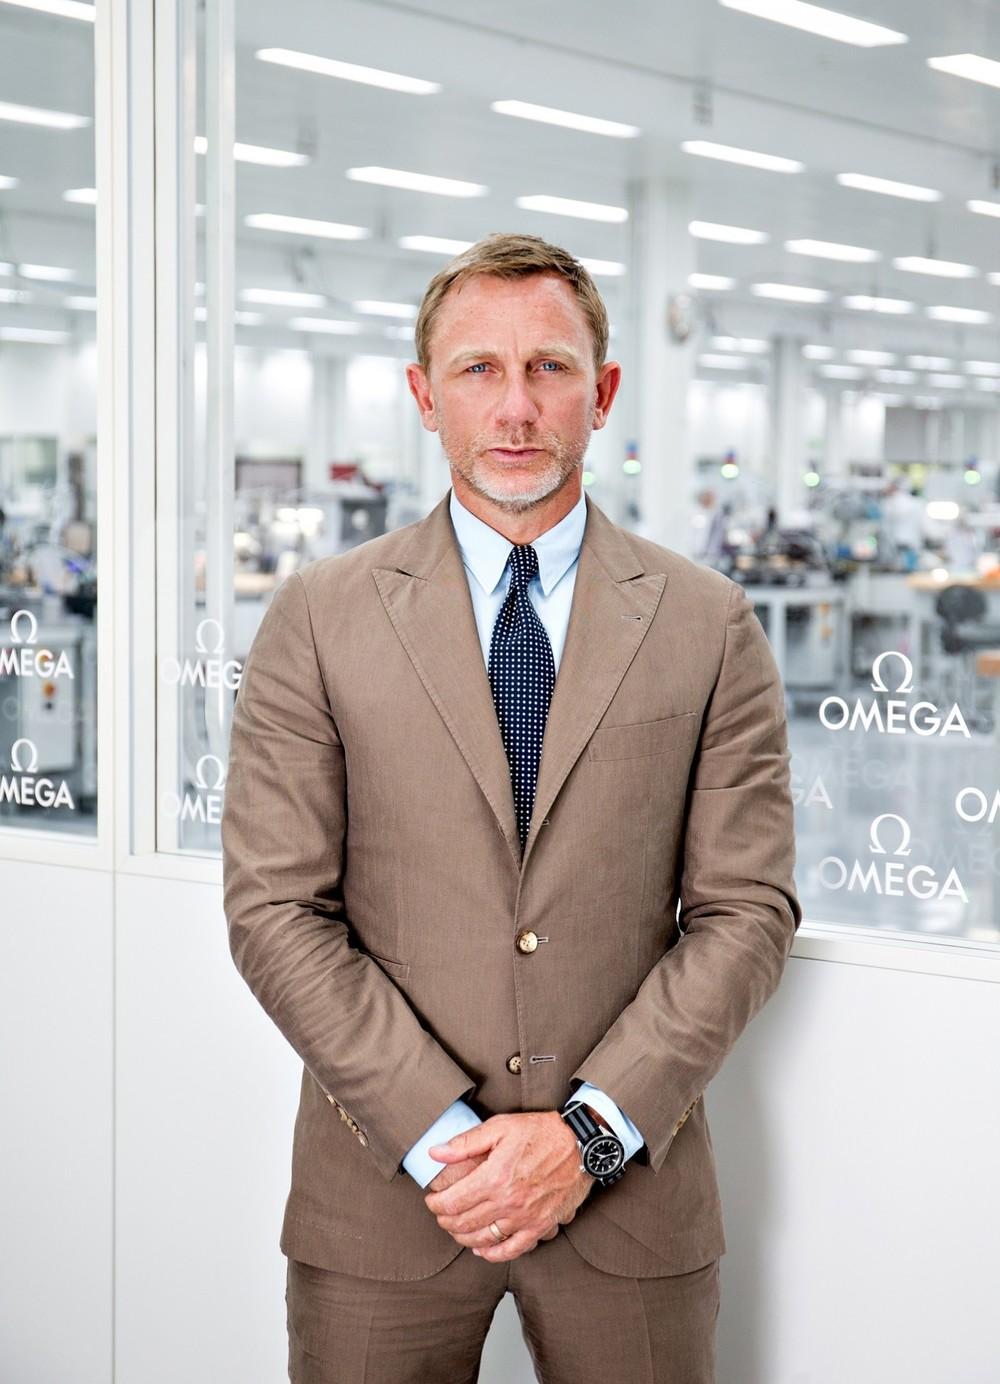 """Daniel Craig 2015 foi ano de """"Spectre"""", novo filme da saga """"007"""". Isso quer dizer que vimos muito Daniel Craig por aí. E sempre muito bem vestido, é claro. Mostrando que de nada adianta ser o espião mais elegante do mundo sem seguir o mesmo padrão fora das telas."""